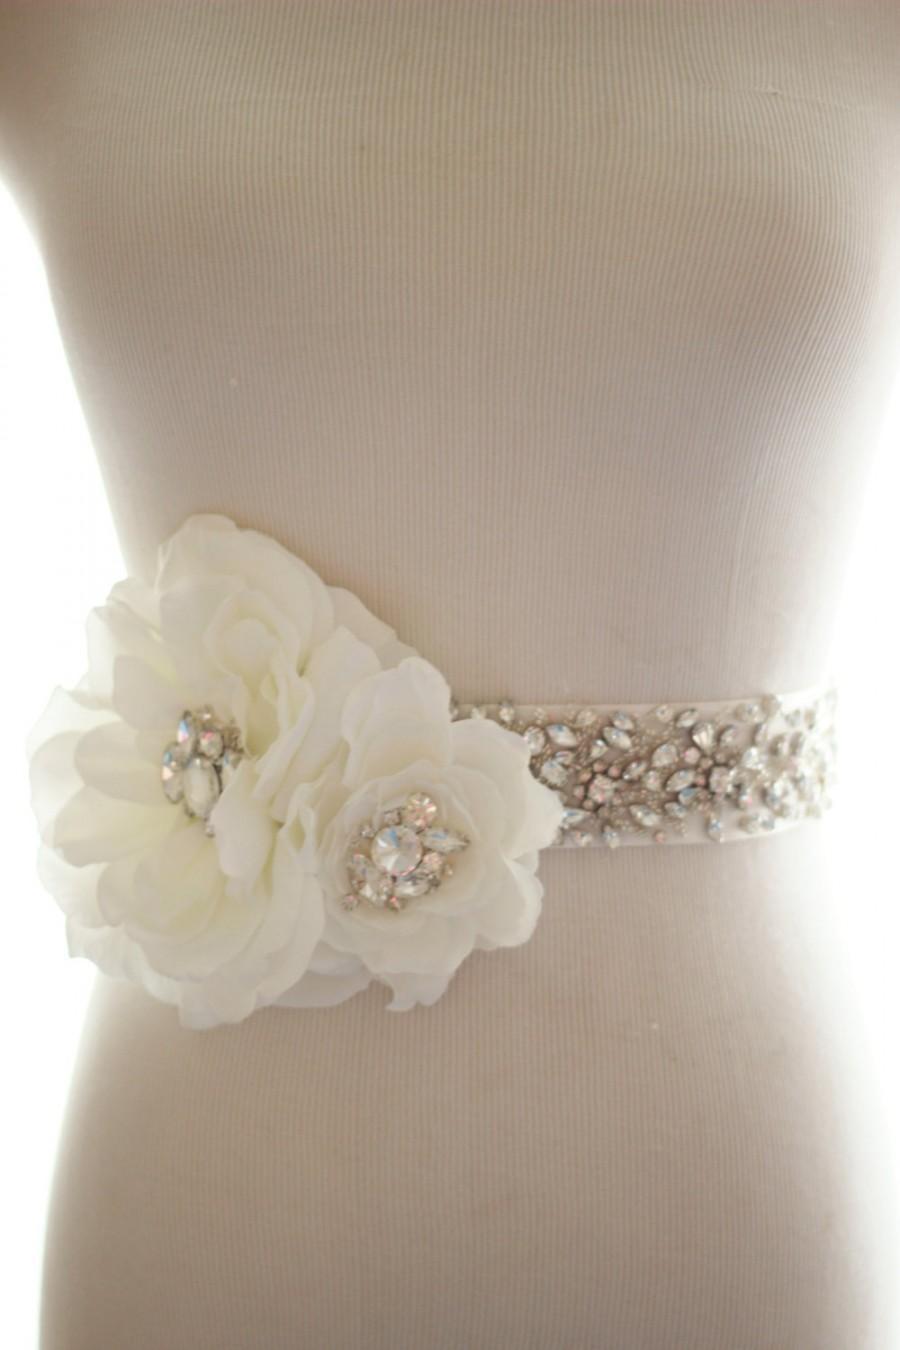 Mariage - Rhinestone Crystal Silk Flower Bridal Belt, Wedding Sash, Crystal Bridal Sash